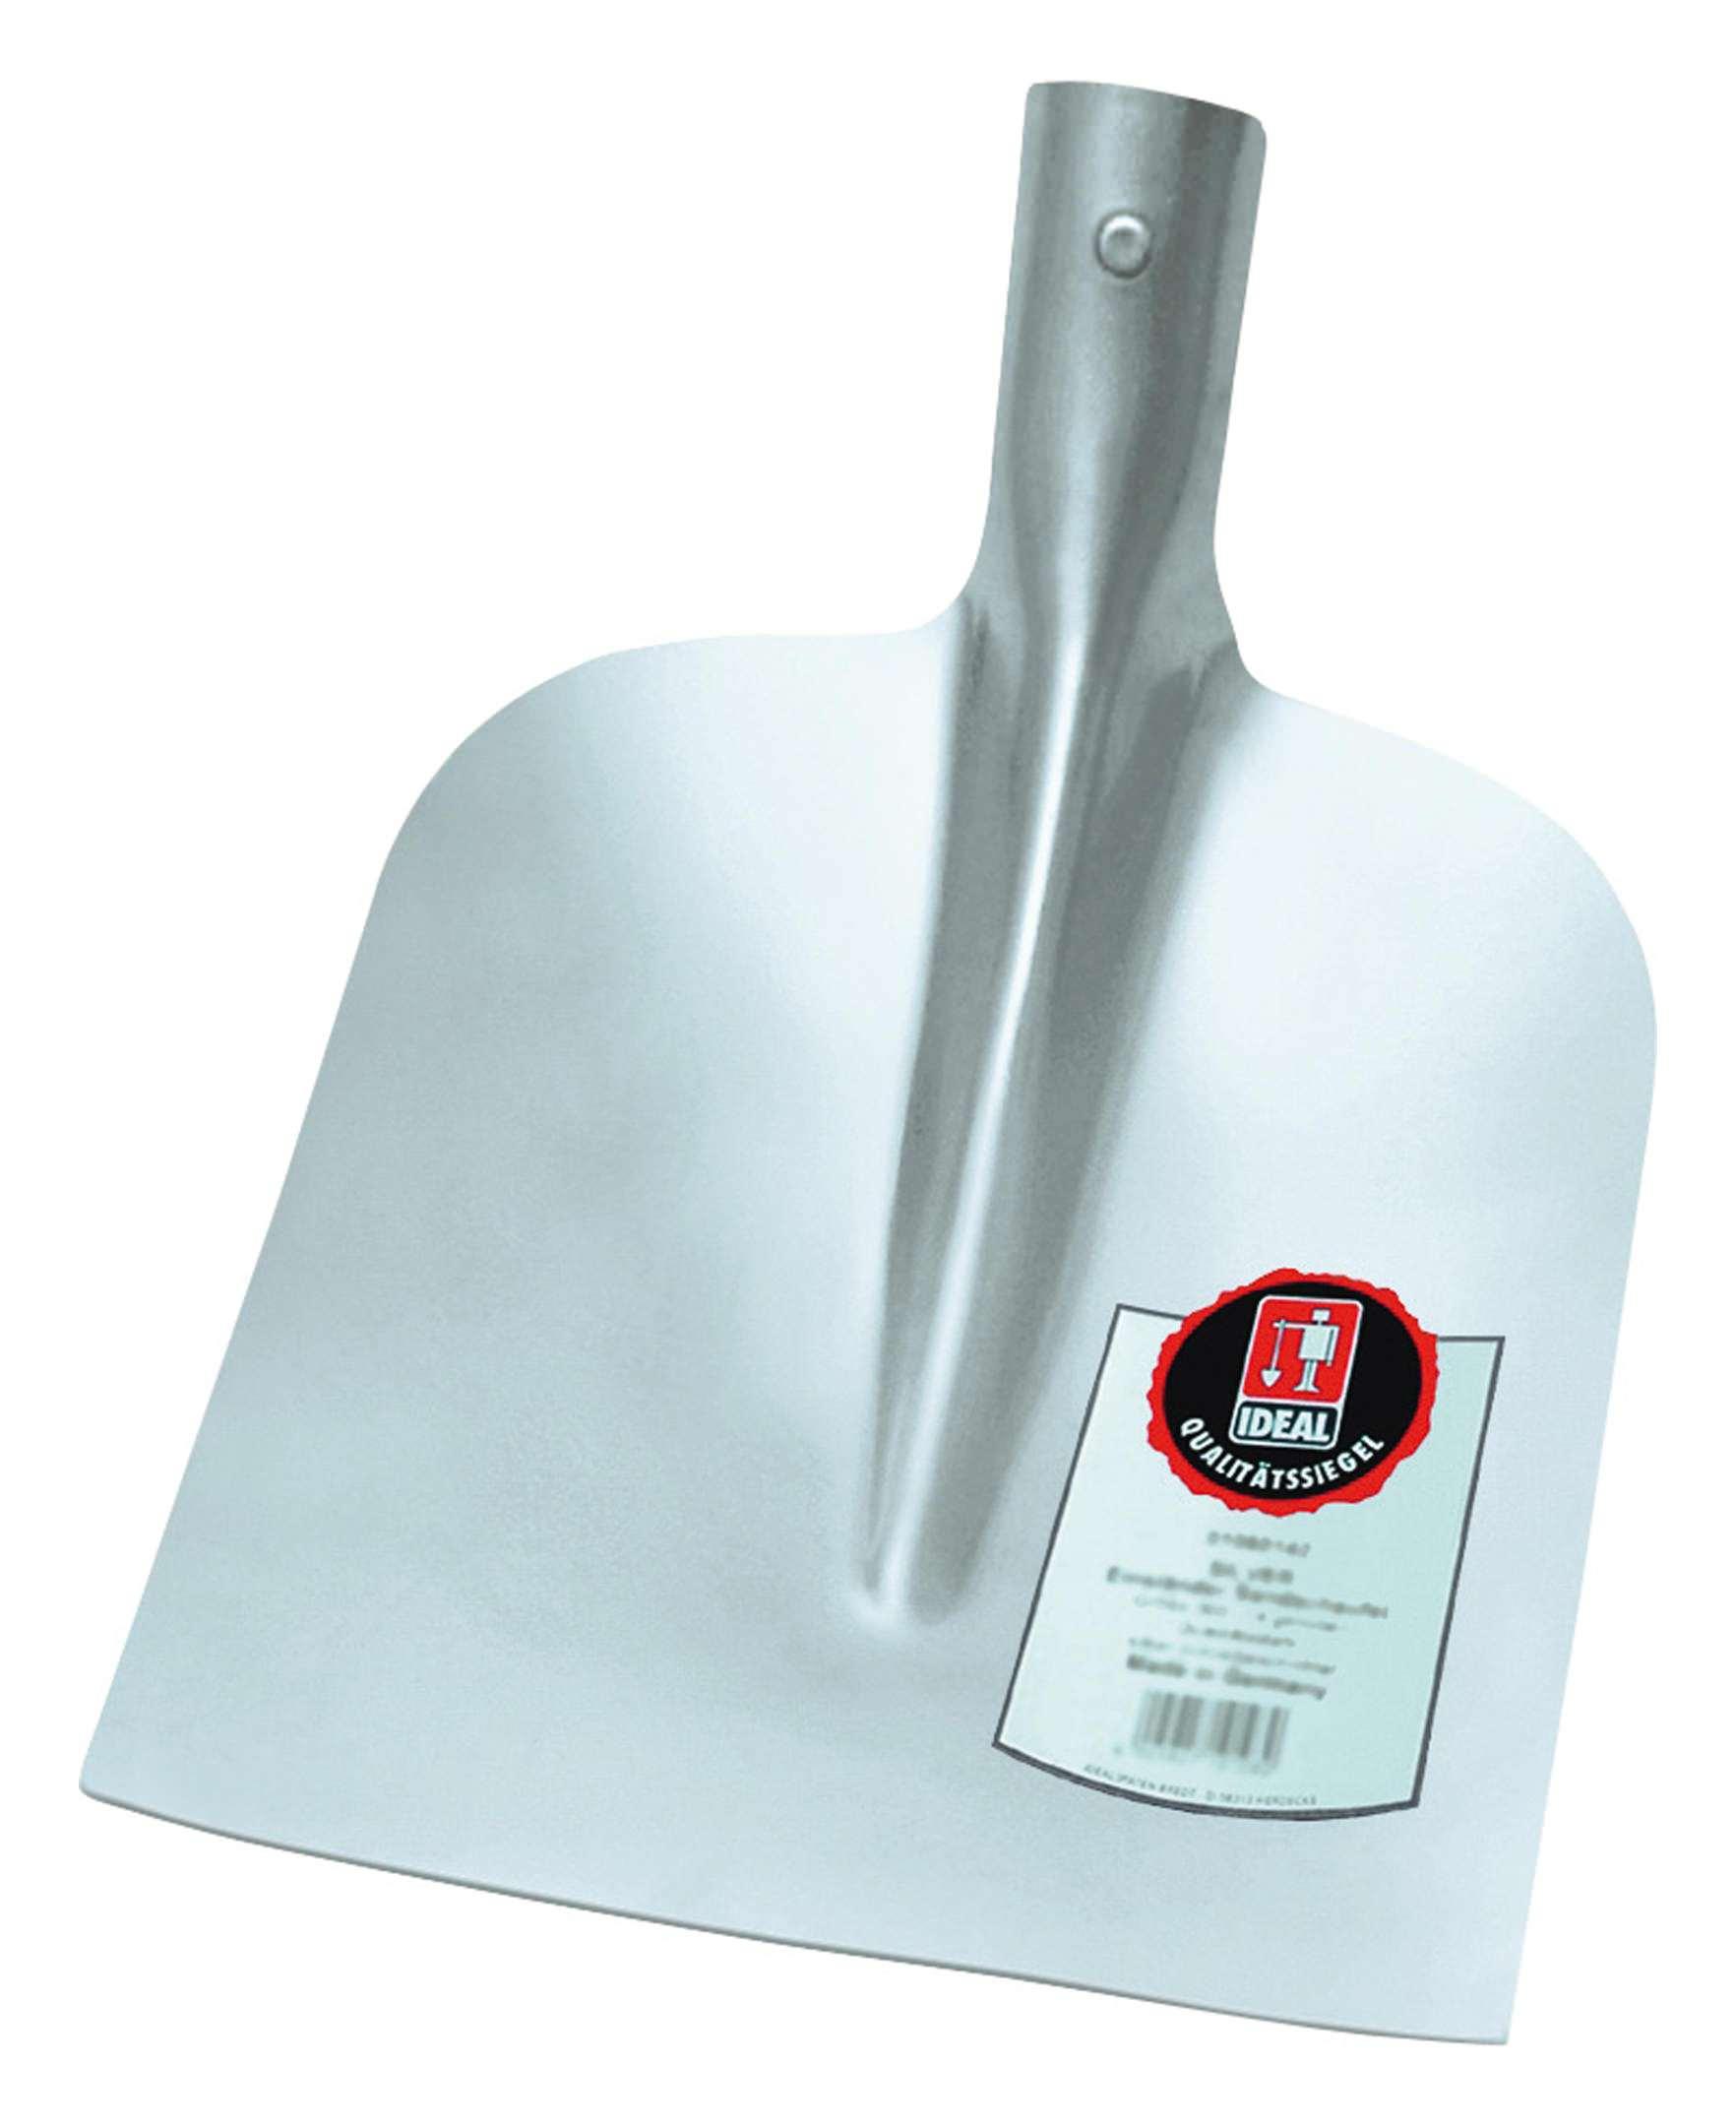 Idealspaten Ideal Holsteiner Schaufel silber Größe 2 - 00040320